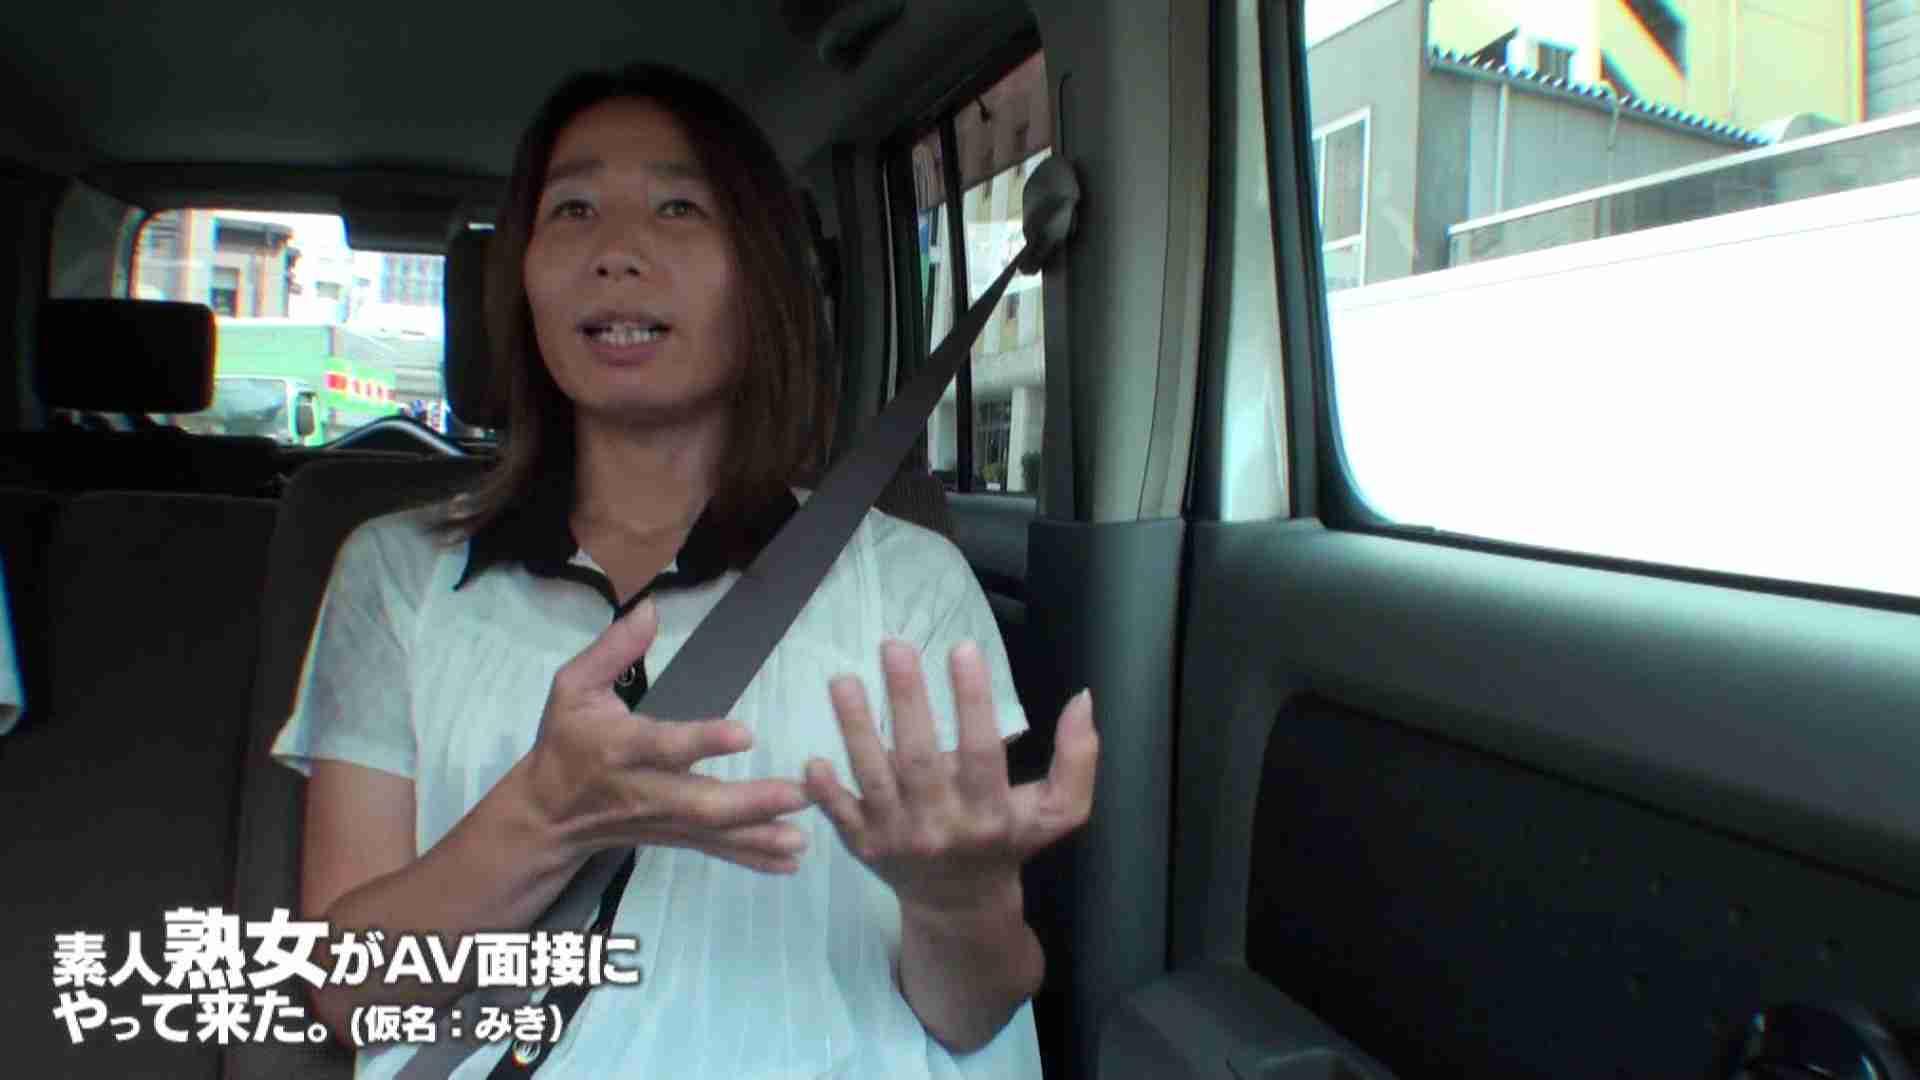 素人熟女がAV面接にやってきた (熟女)みきさんVOL.01 熟女のエッチ 盗み撮り動画 94pic 44